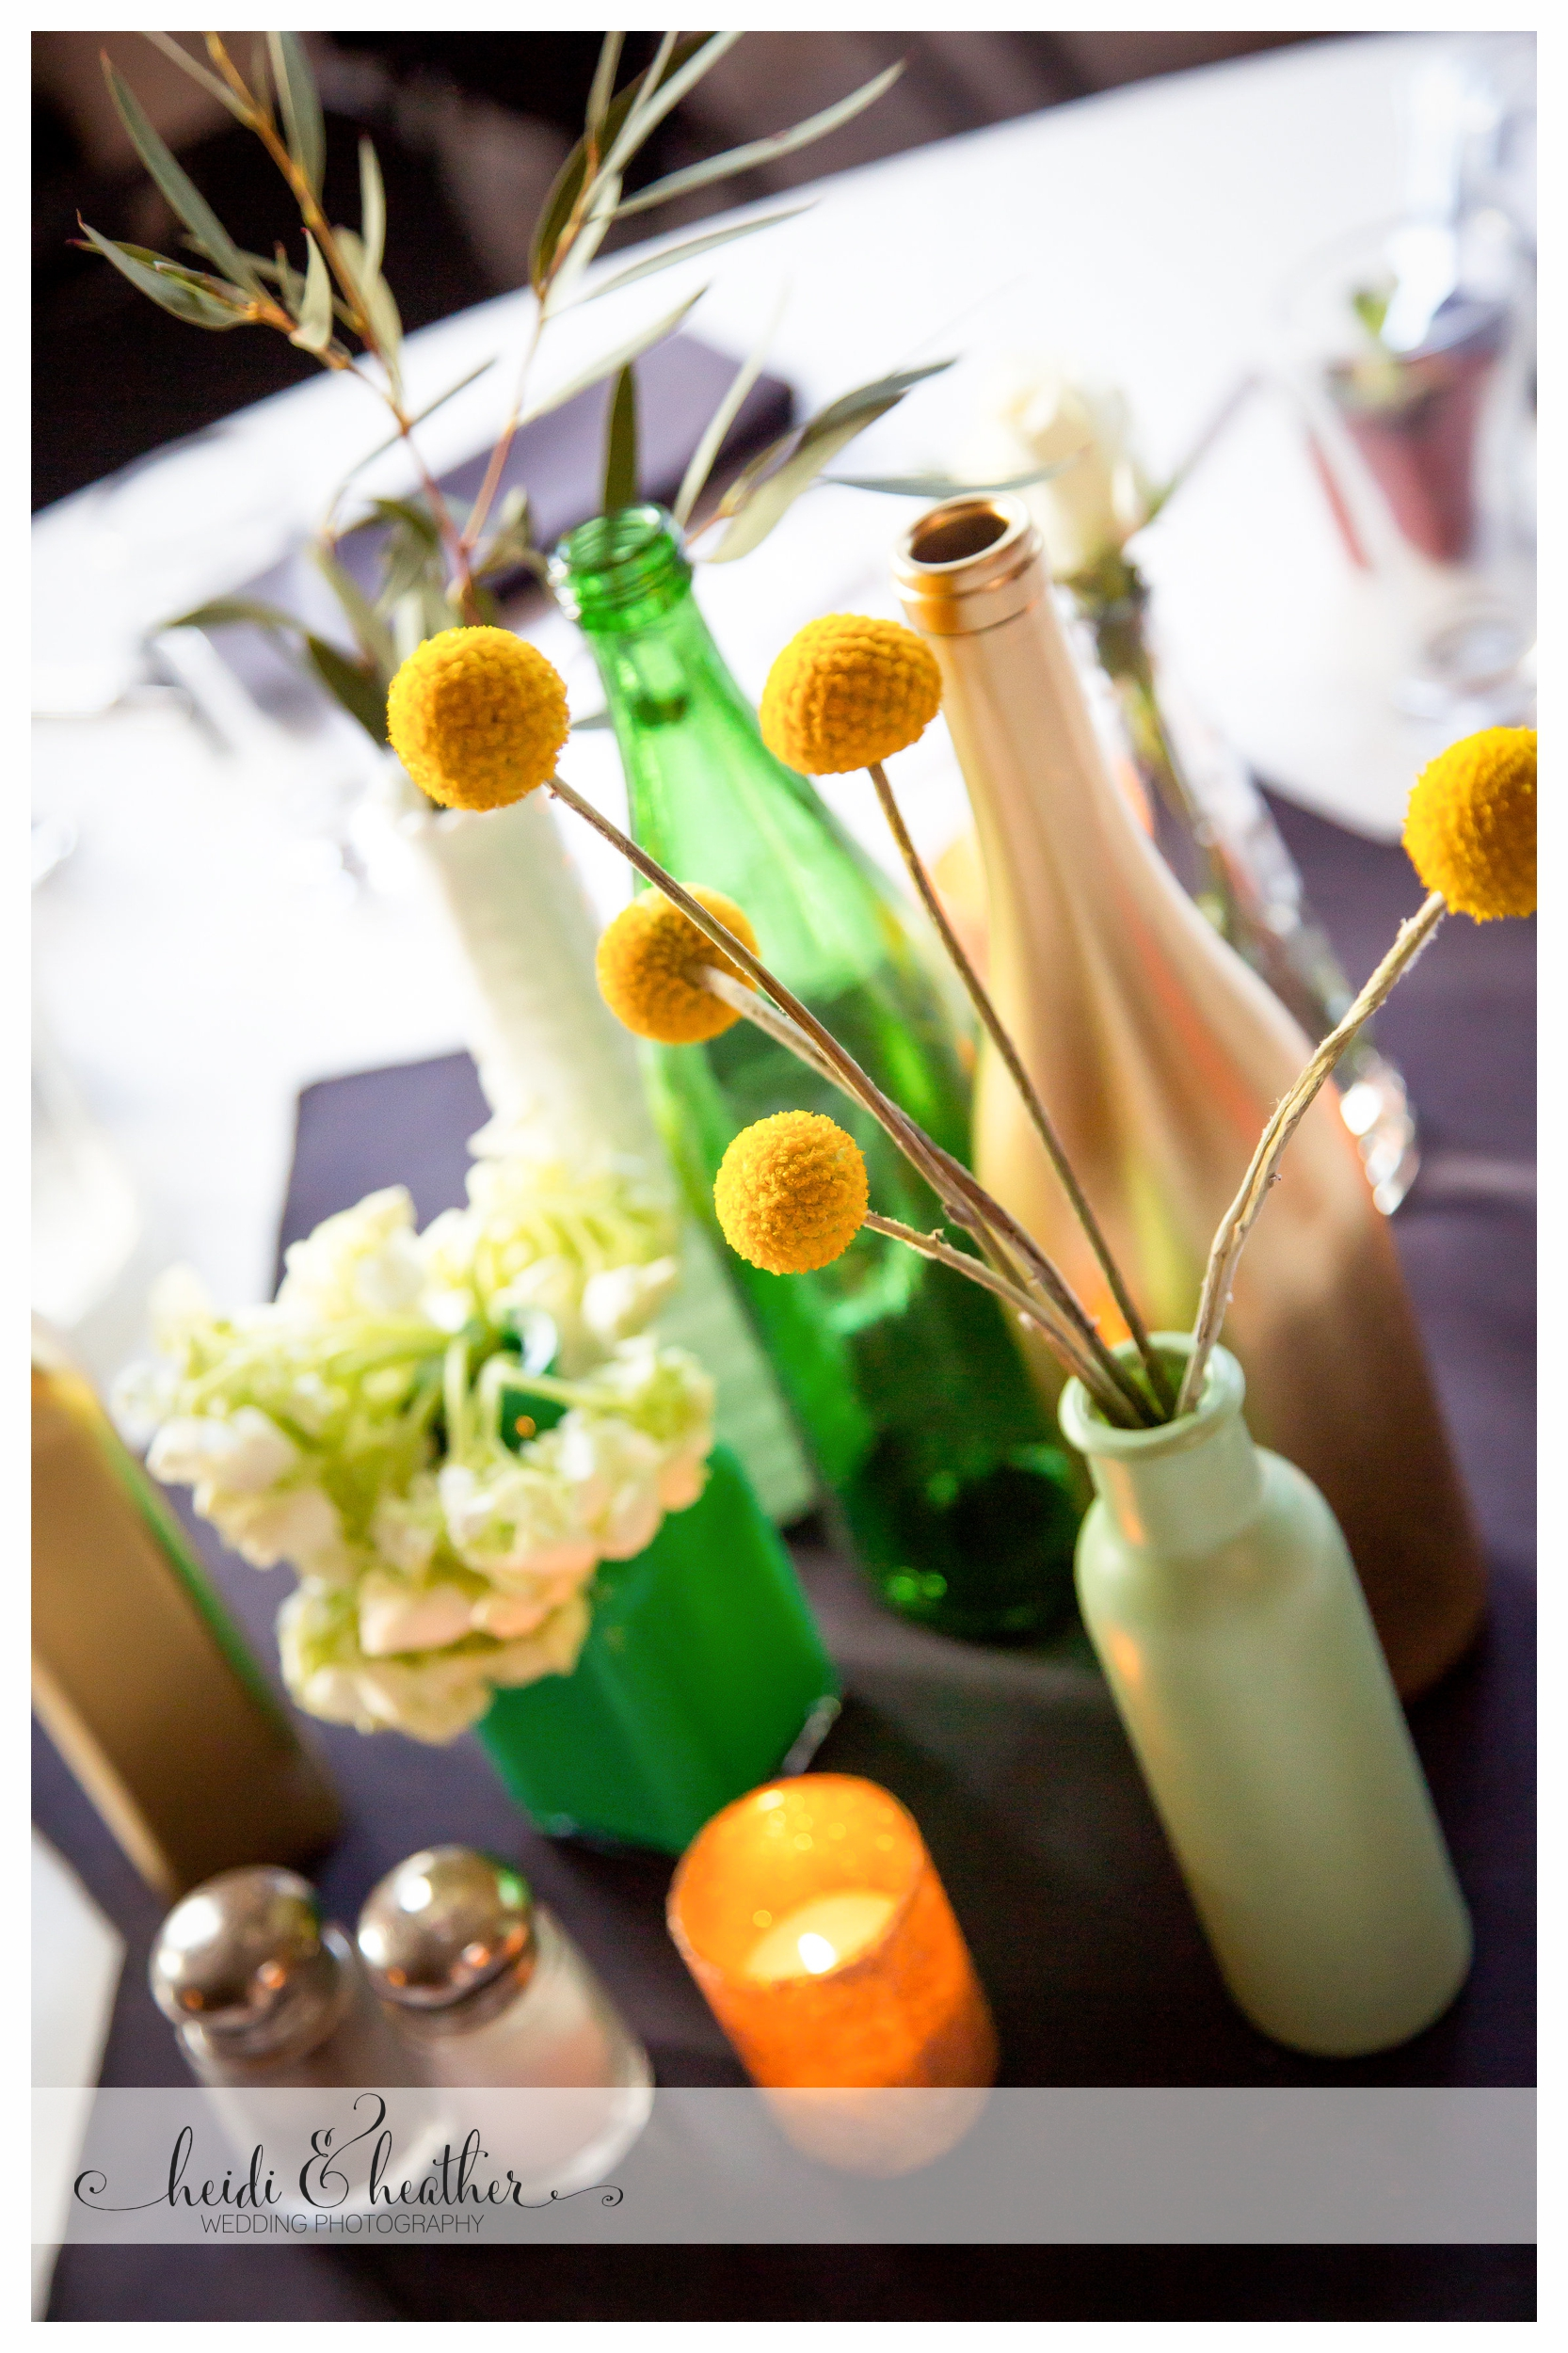 Padilla-P WEDDING Sweet Details-0011.jpg